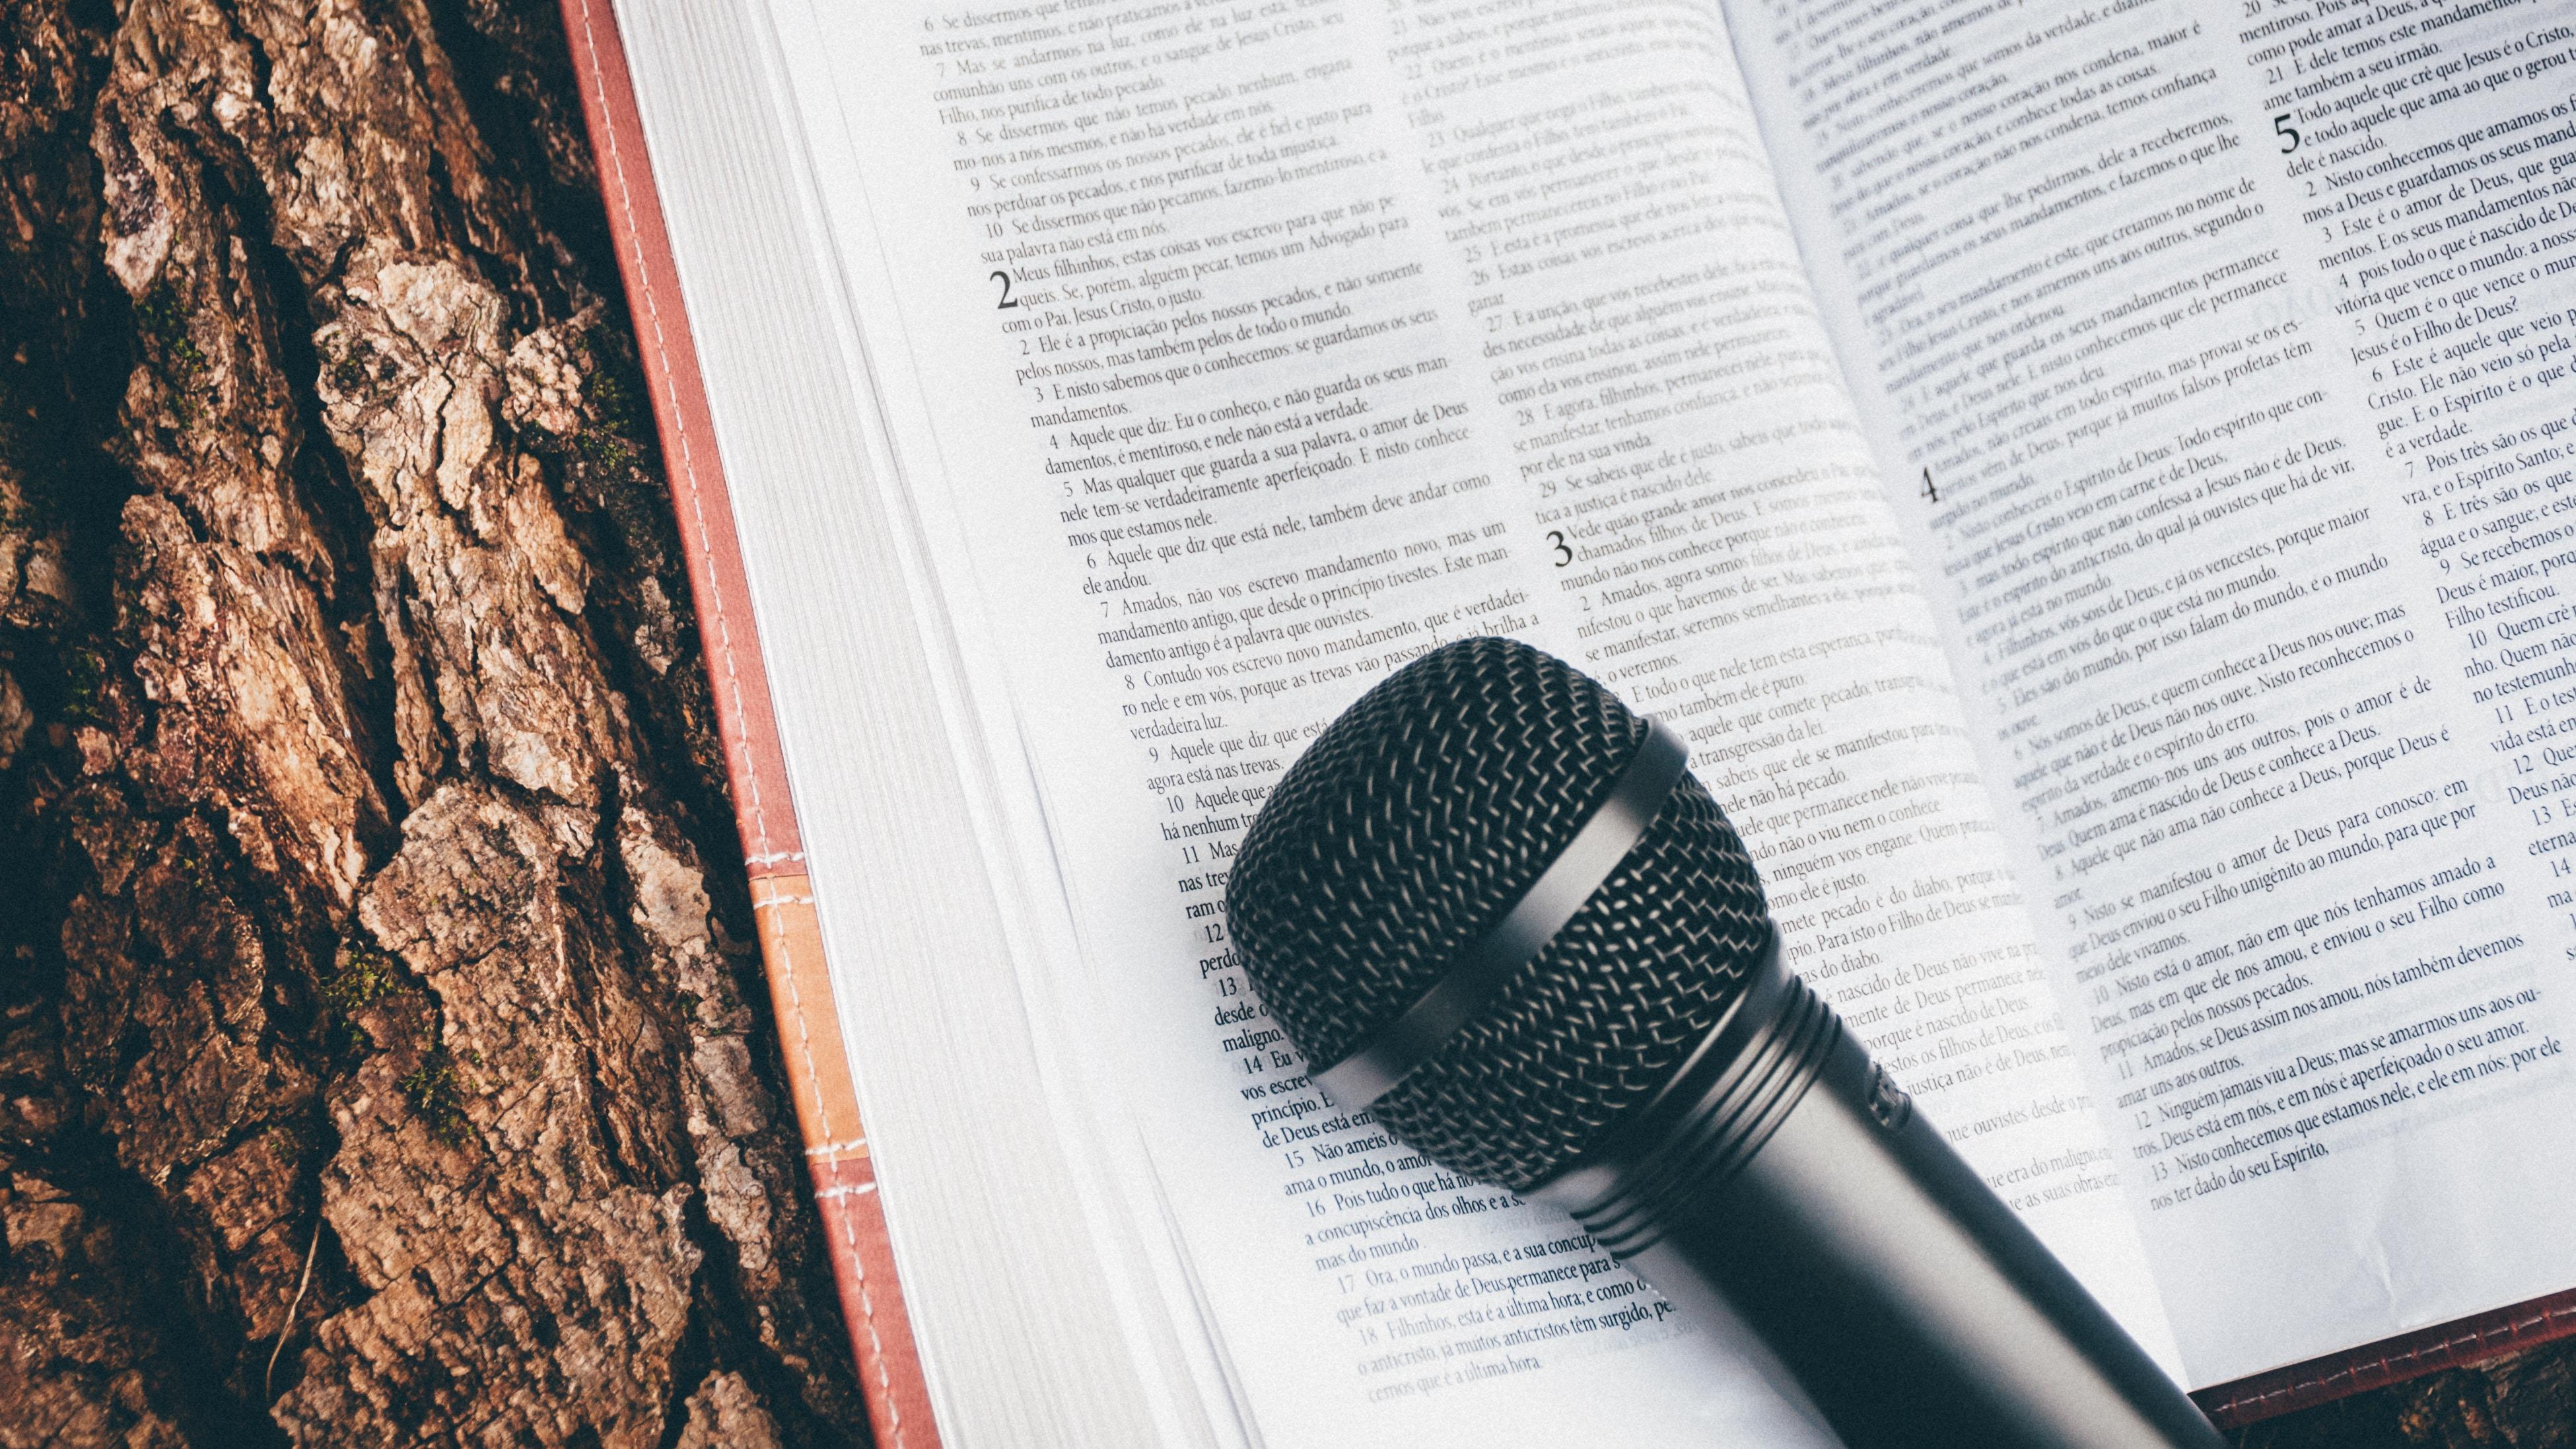 intaketoets microfoon boek